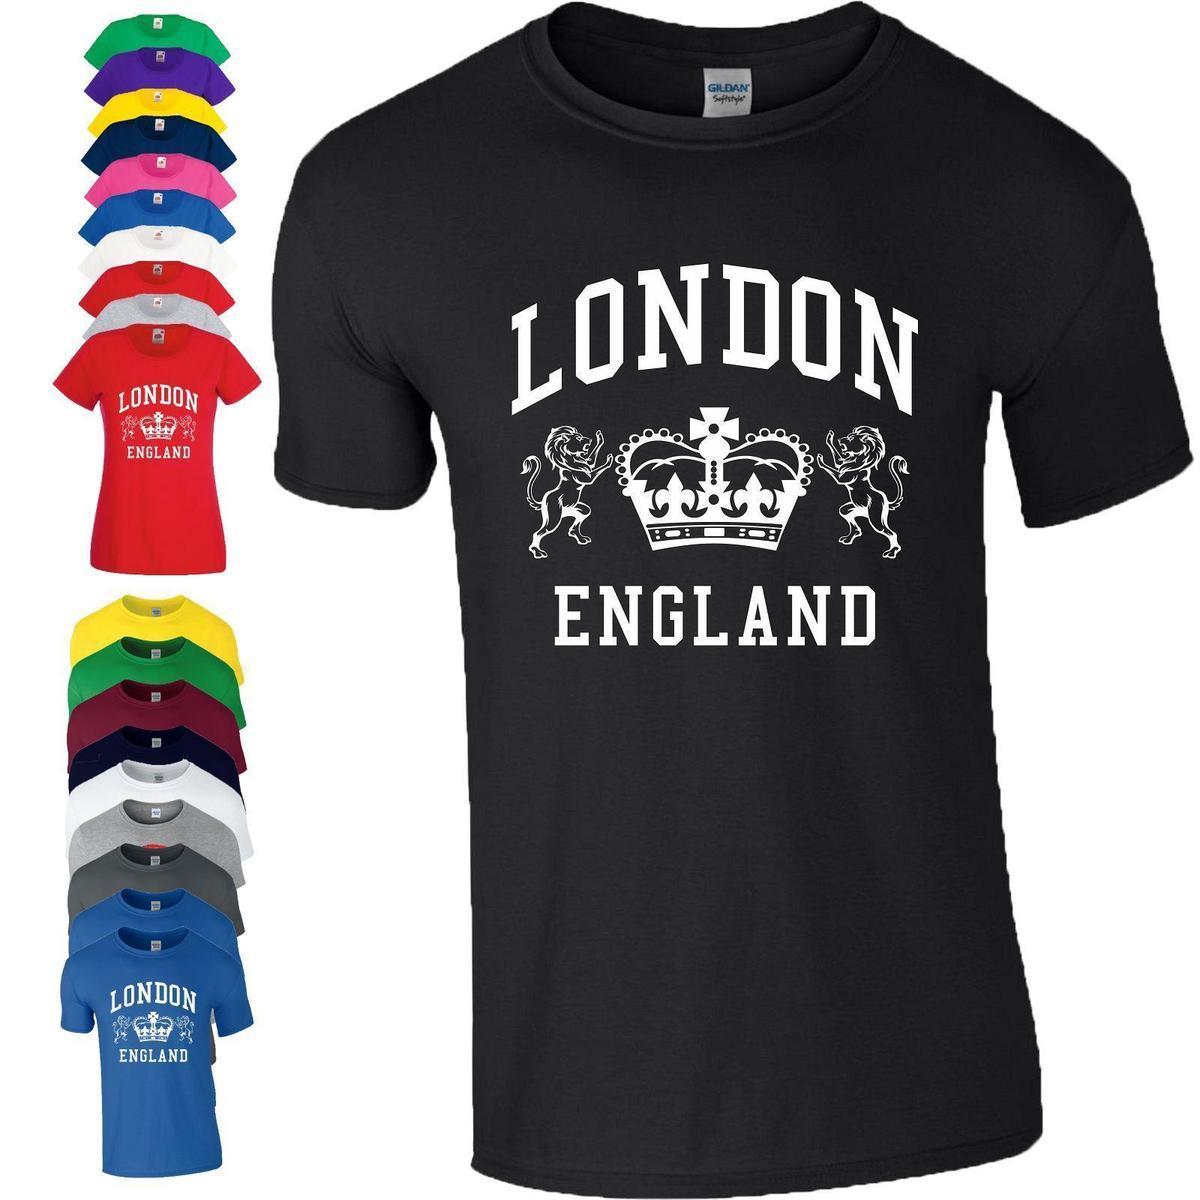 2b19244628 Compre Diseñador Para Hombre Camisetas Camiseta Londres Inglaterra Camiseta  Novedad Recuerdo Turista Vacaciones Regalo De Cumpleaños Hombres Damas A   5.62 ...